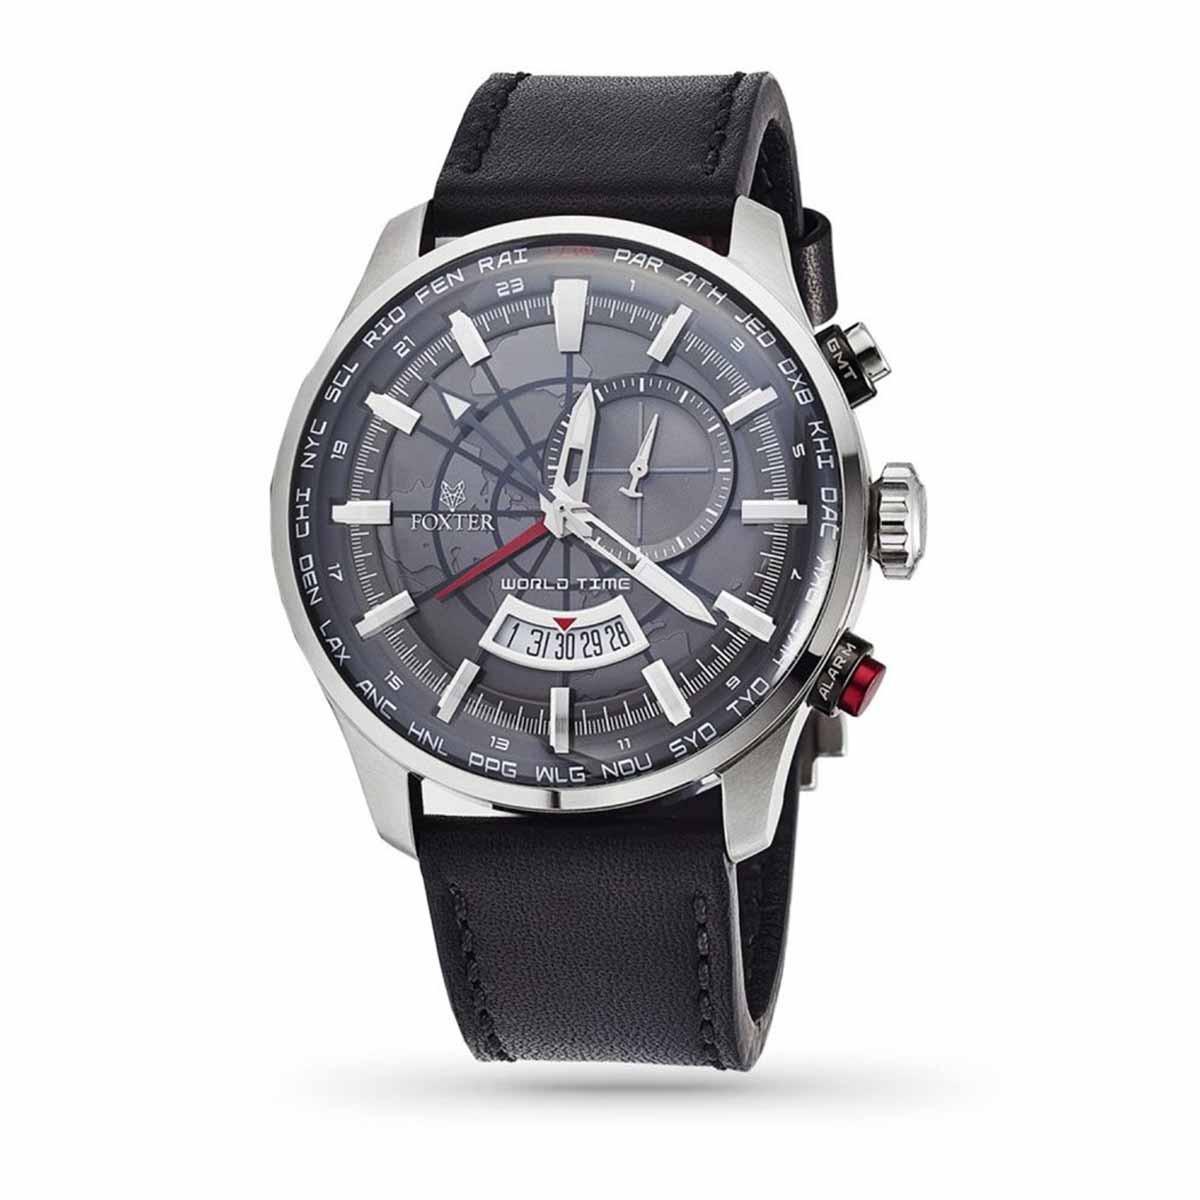 Montre Homme Foxter Avalone bracelet cuir noir, boitier acier et fond gris - FR6040C1BC1